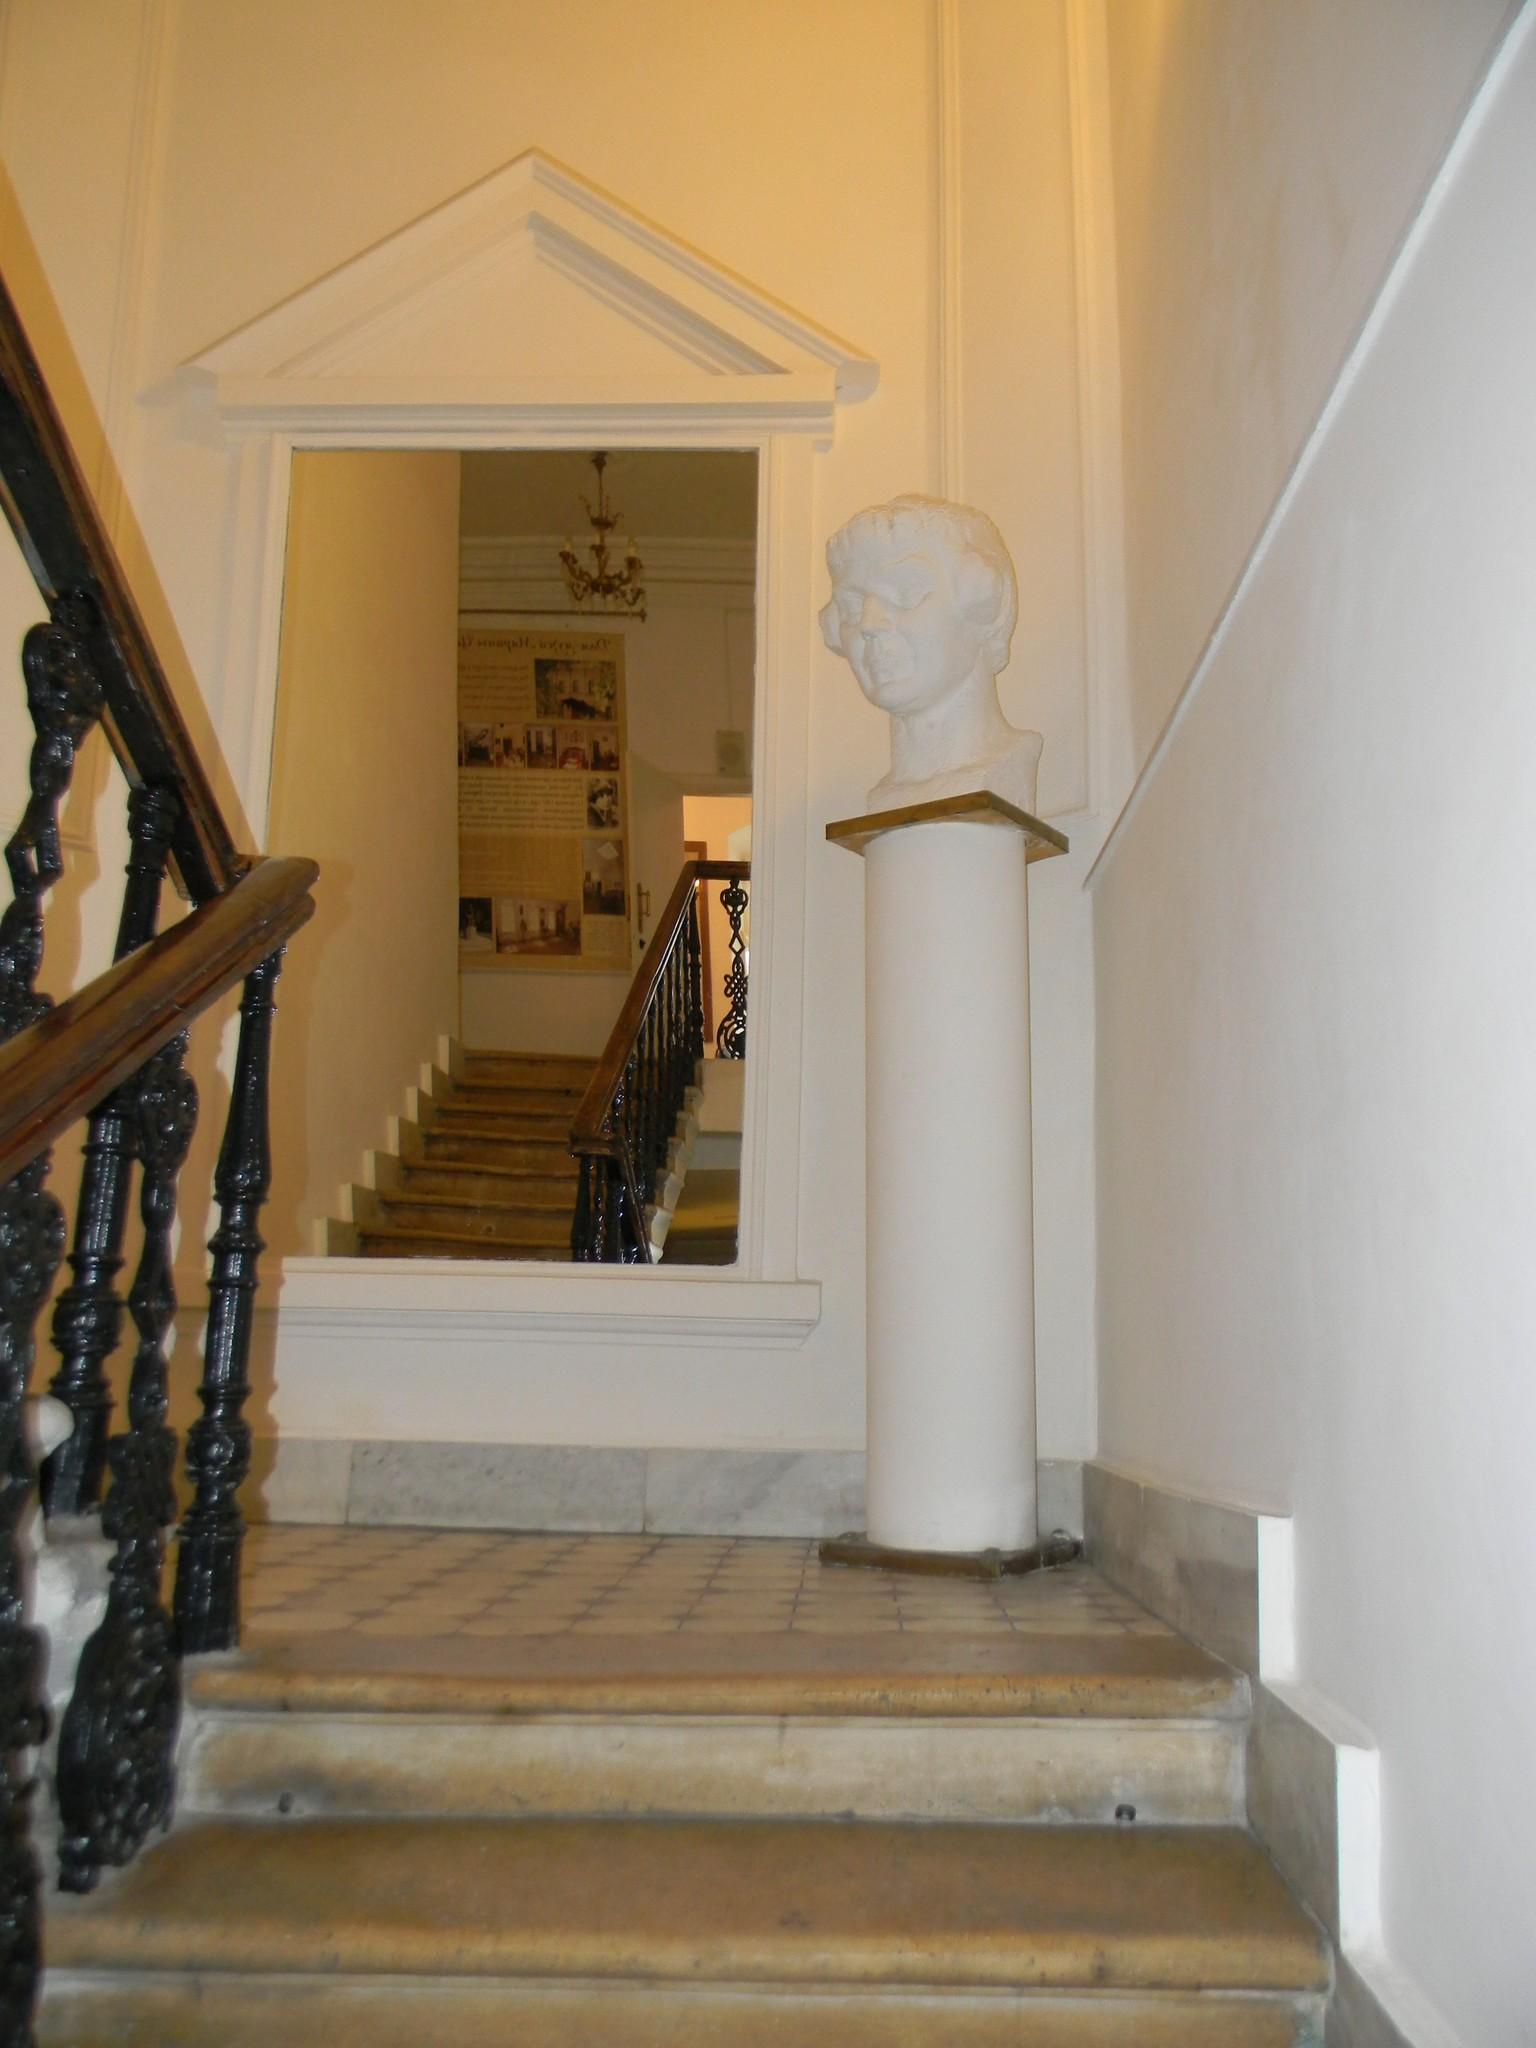 Культурный центр «Дом-музей Марины Цветаевой» (Борисоглебский переулок, дом 6)